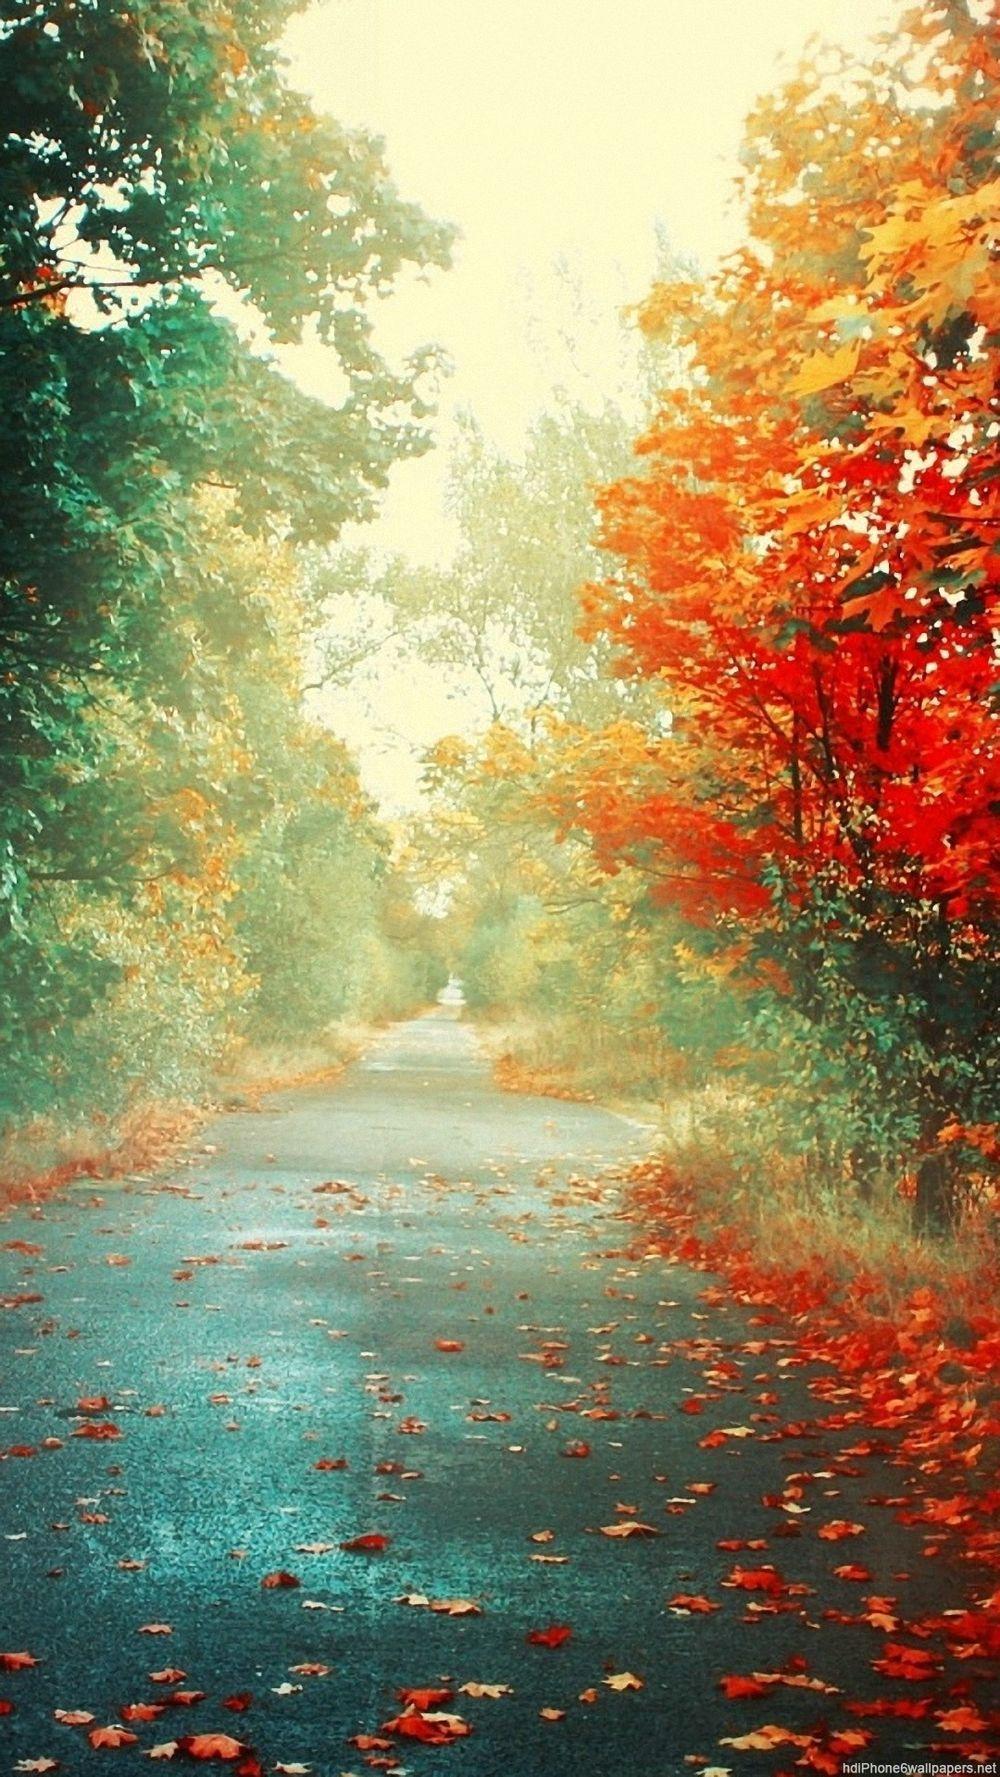 画像 紅葉 秋 Iphone8 7 6s 6用 秋にぴったりの紅葉の壁紙